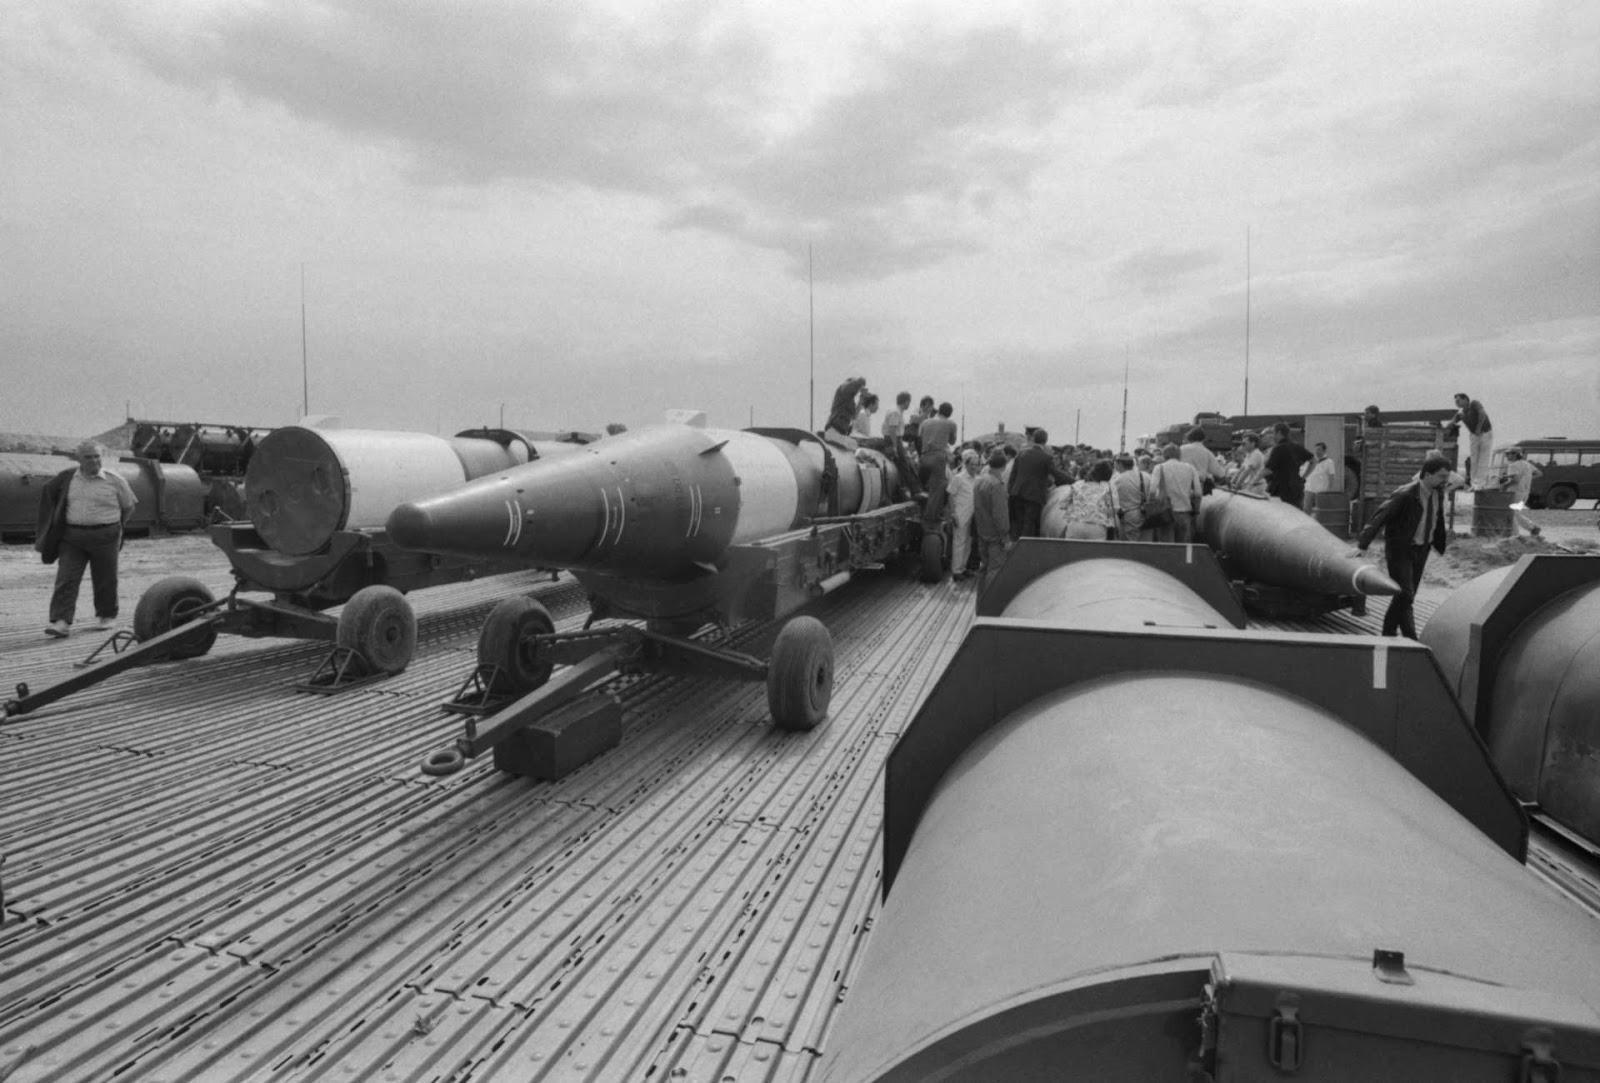 Подготовка к ликвидации первой партии ракет ОТР-22 «Темп-С» на полигоне Сарыозек